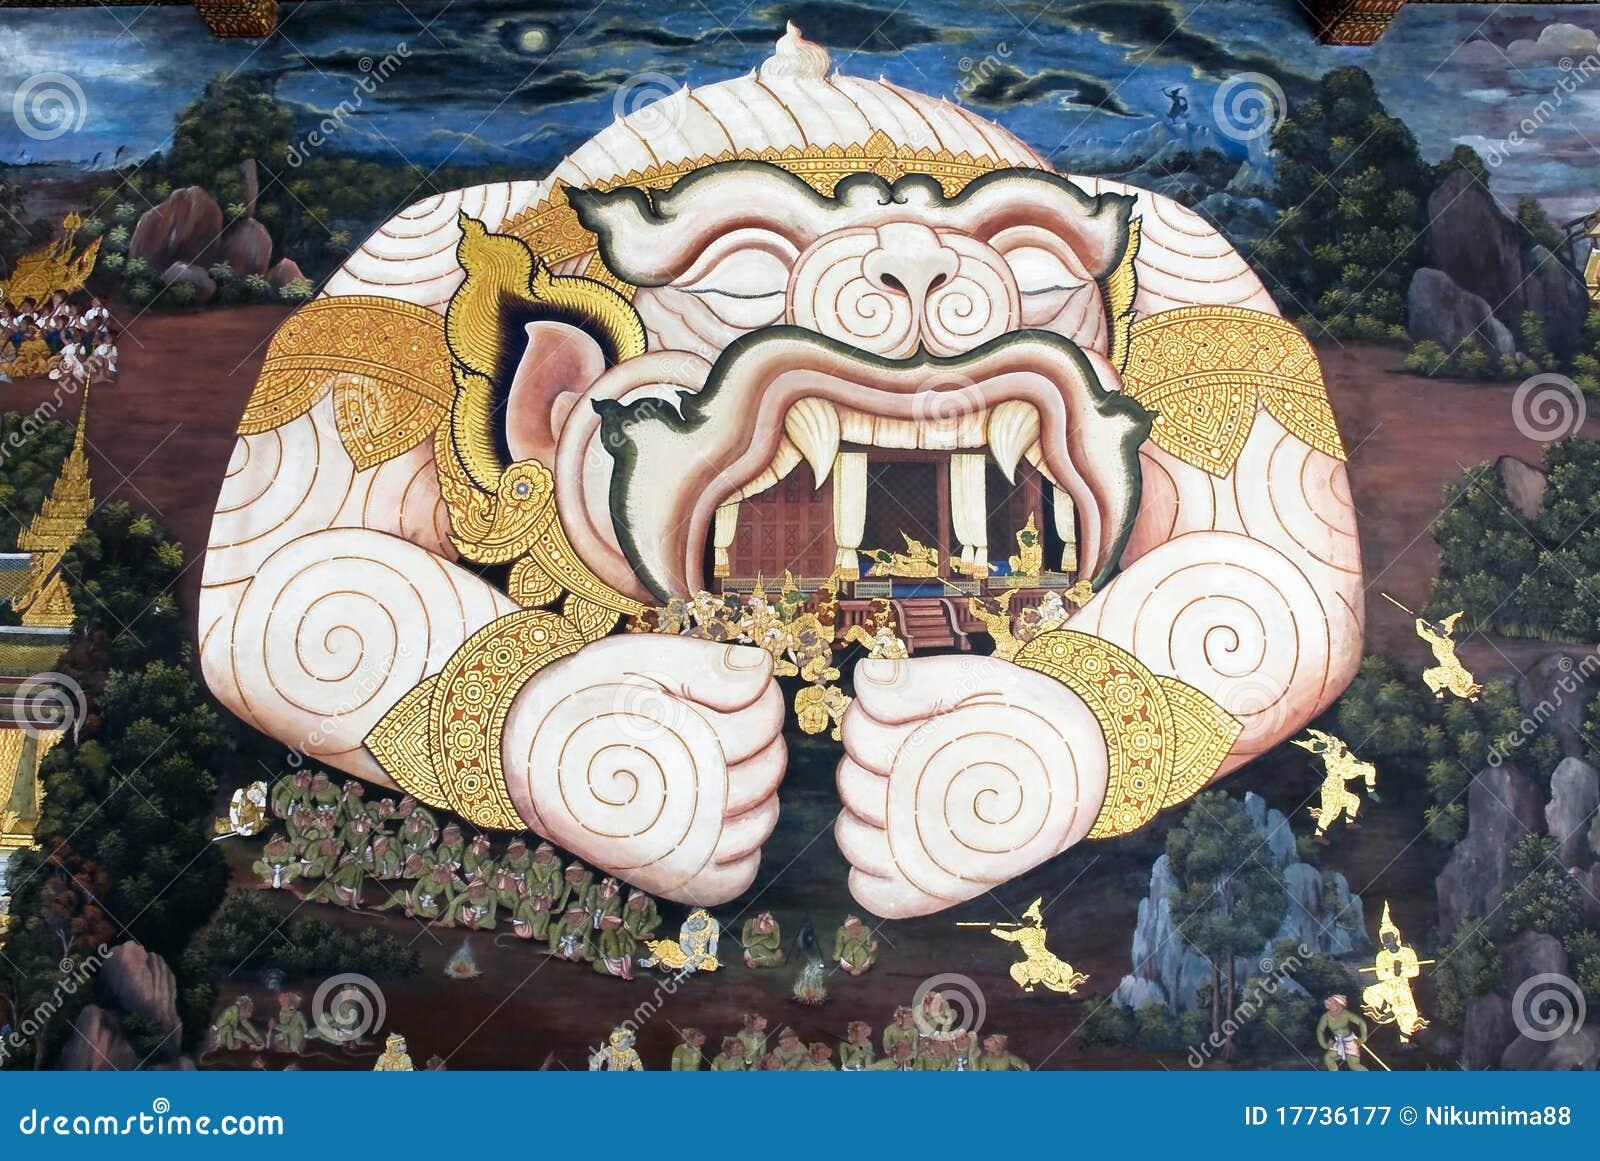 Hanuman in thai culture dating 5